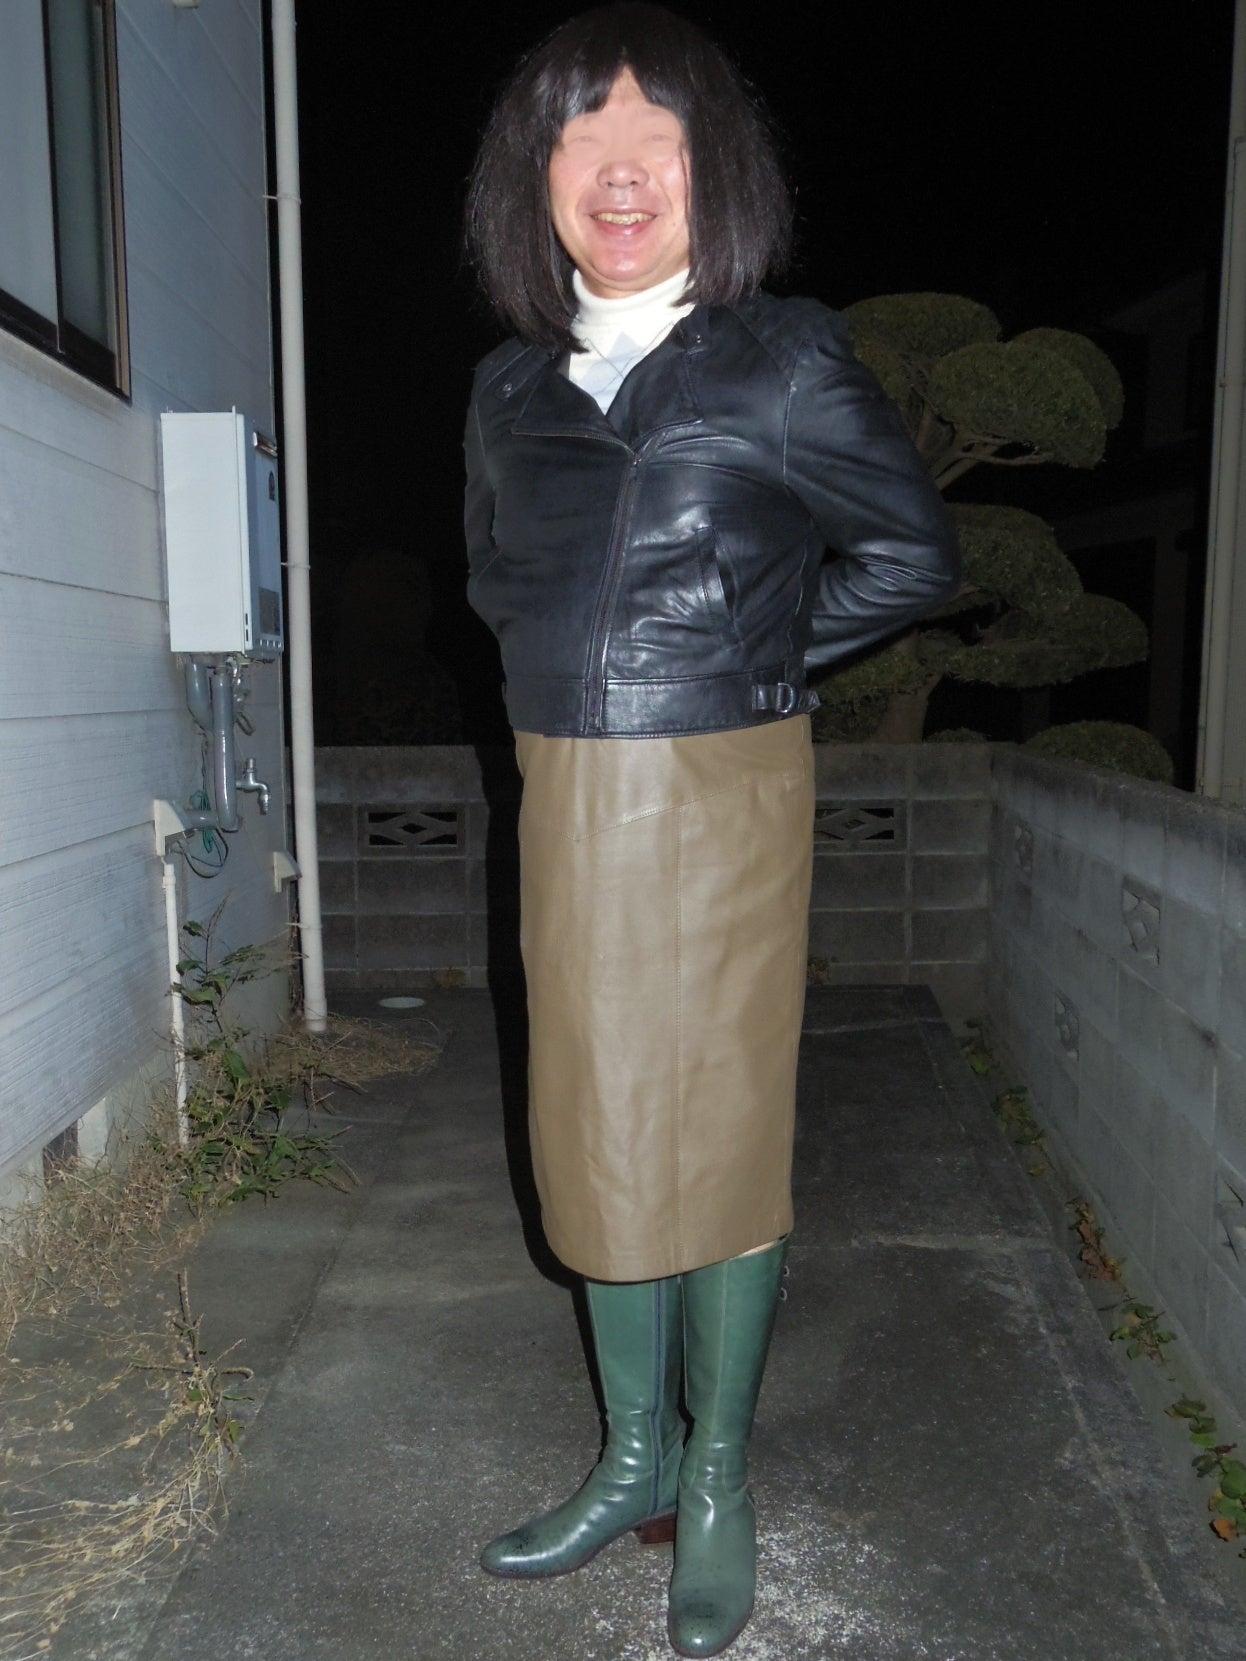 緑色のブーツ買っちゃったぁ 純子のクローゼット 2